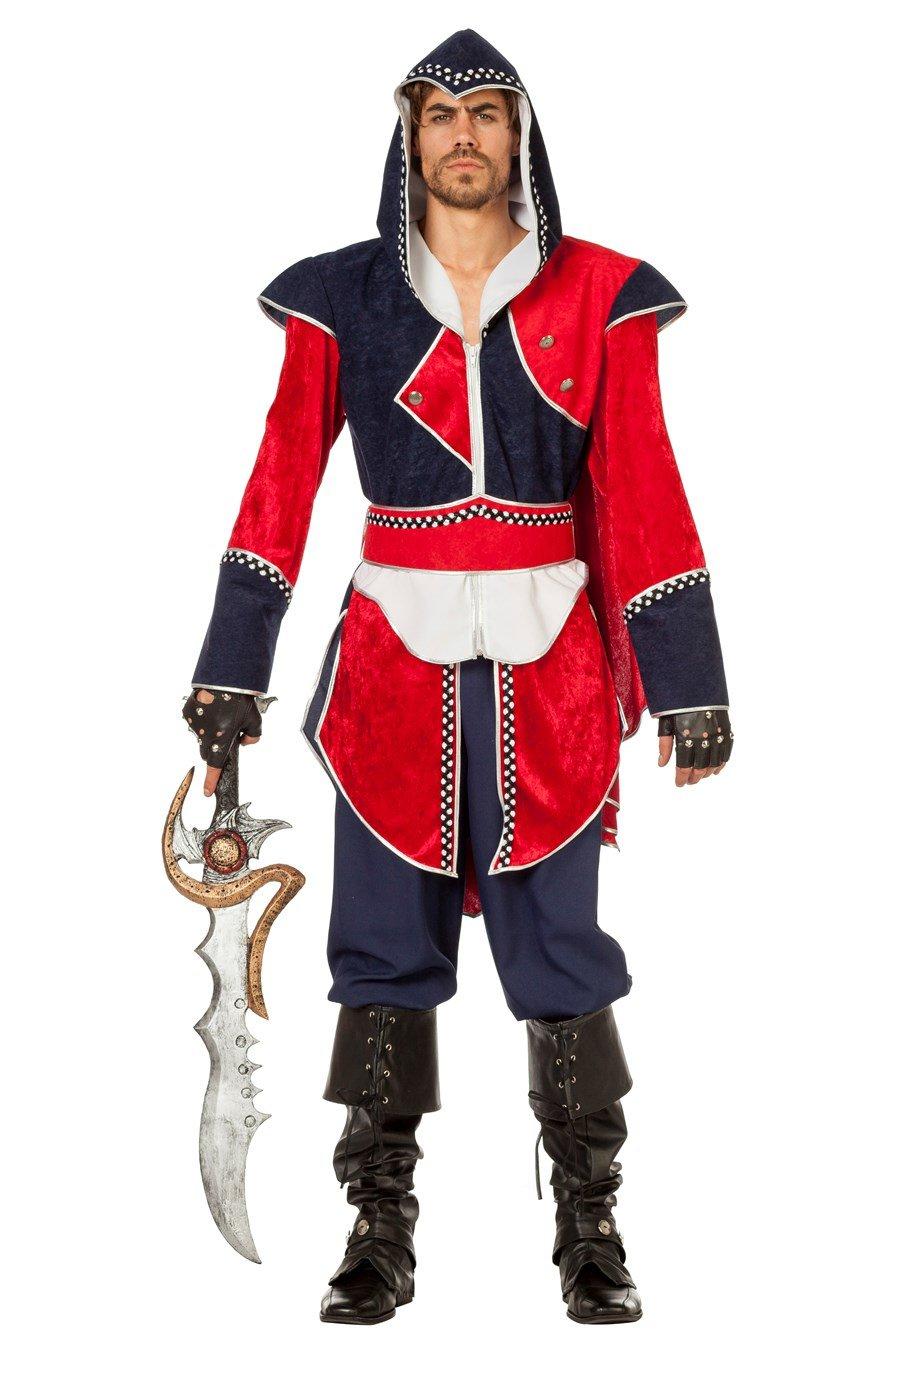 Wilbers 5429 Assassin Abenteuer Kostüm Herren Assassine Herrenkostüm 60